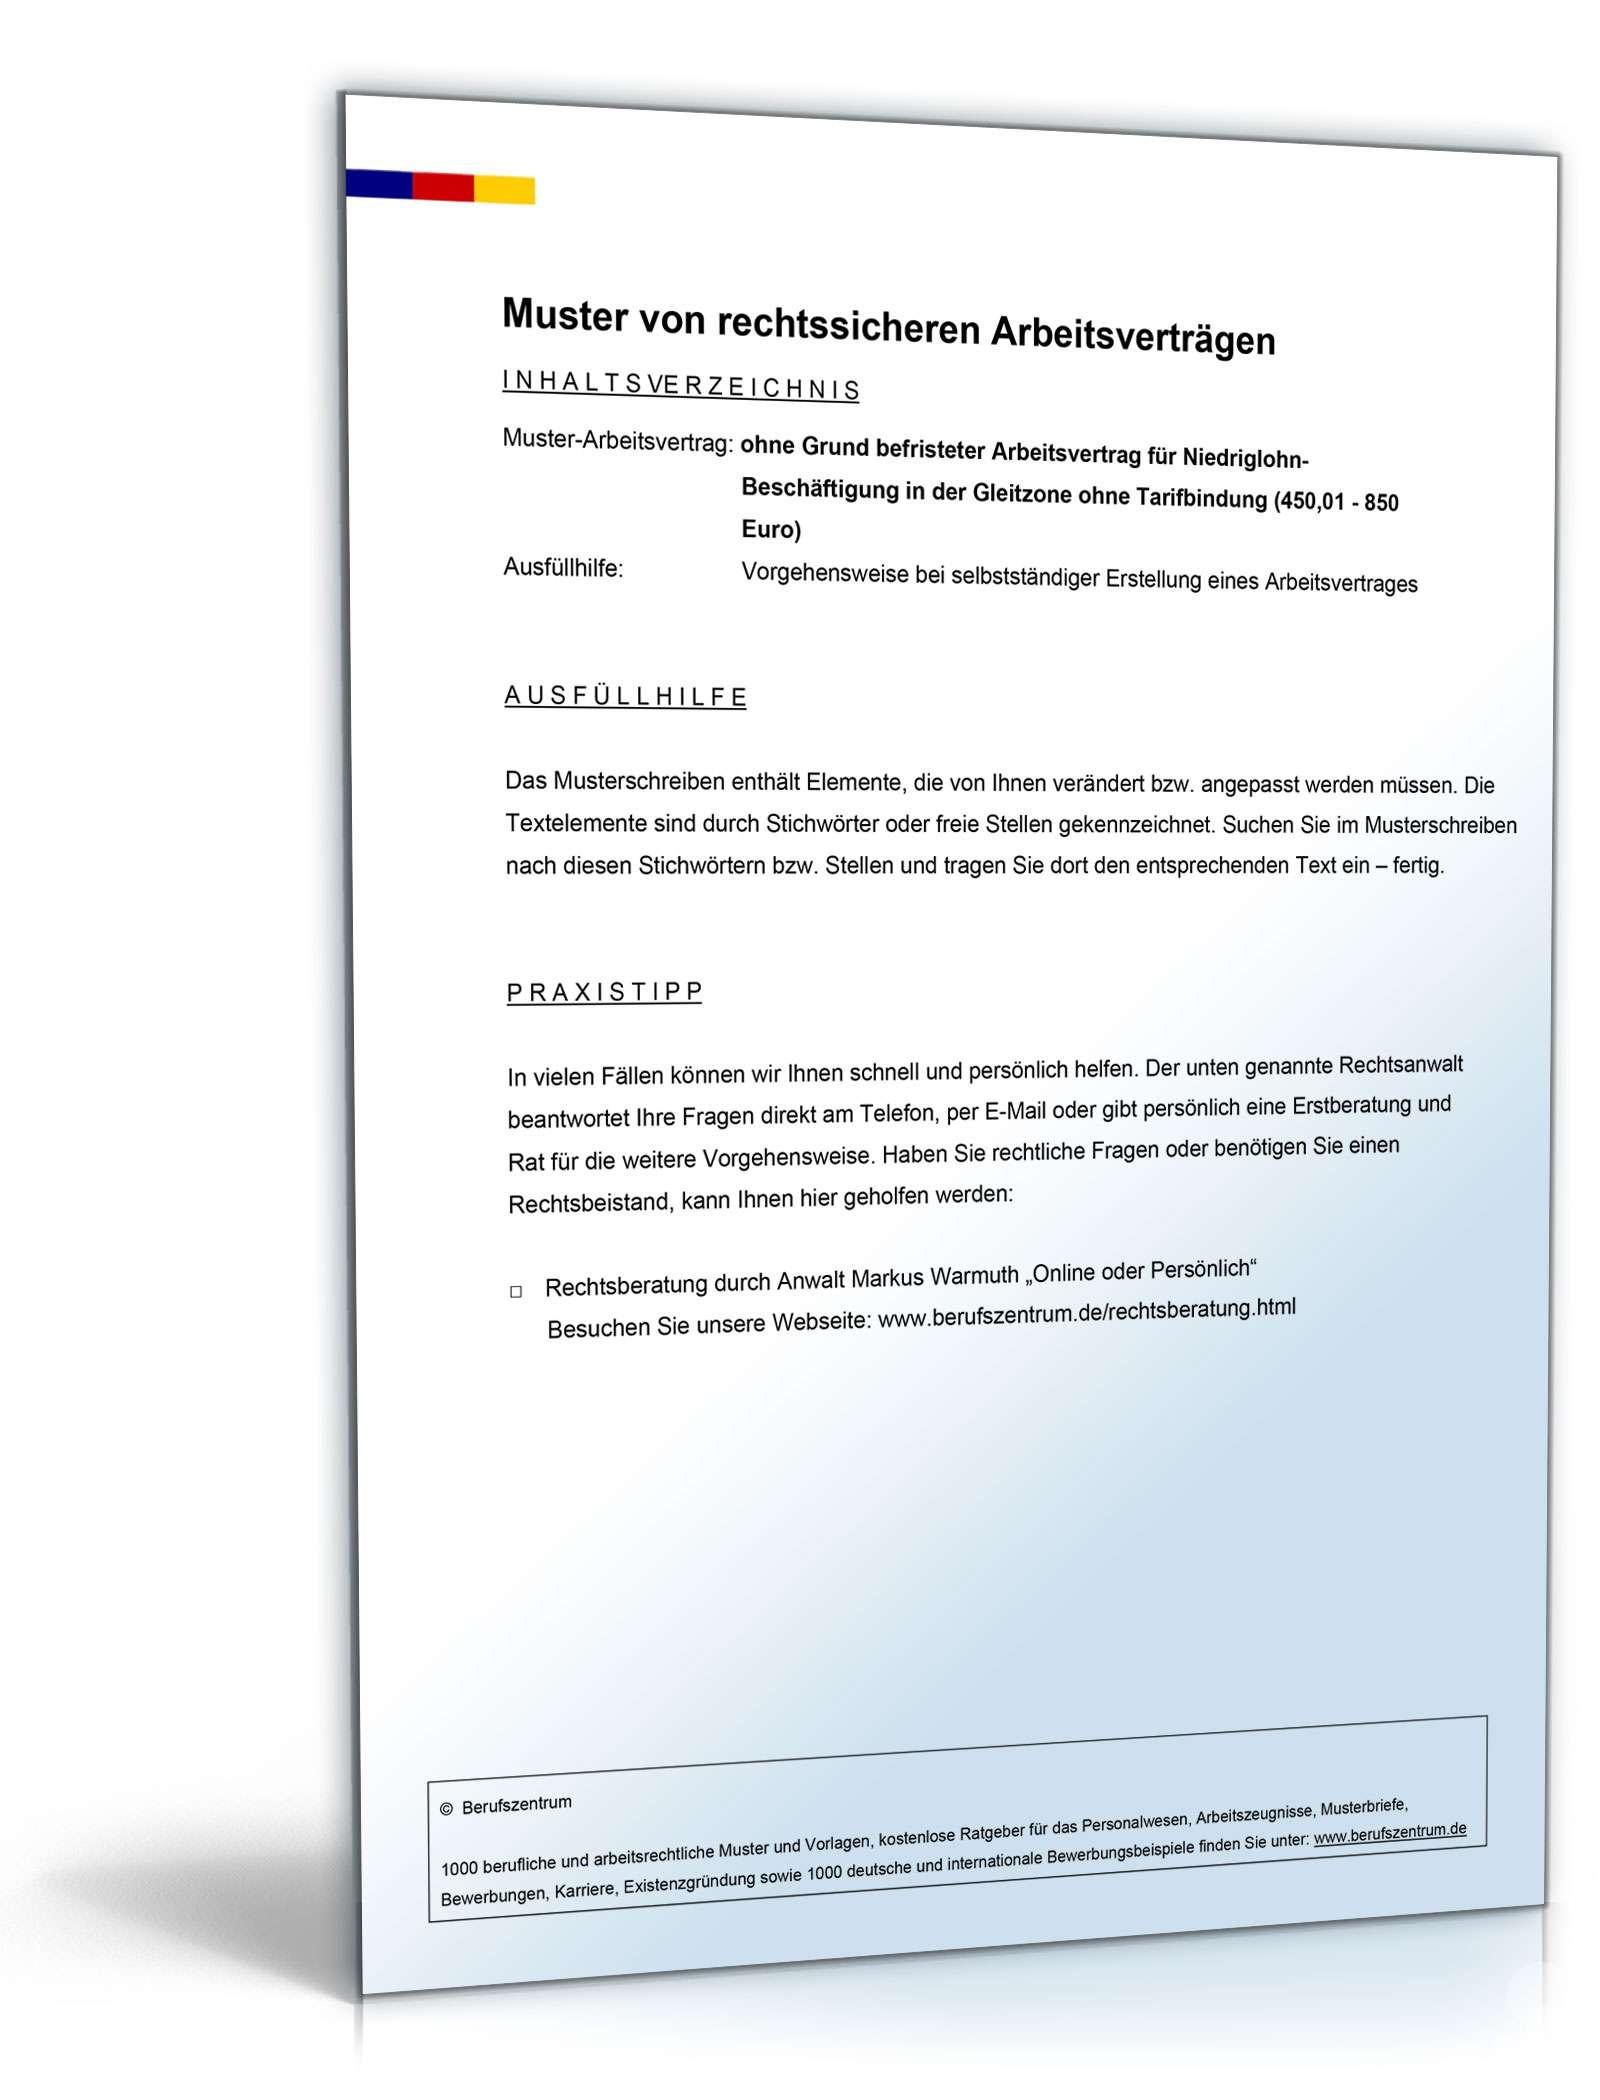 Befristeter Arbeitsvertrag Ohne Grund Gleitzone Muster Zum Download